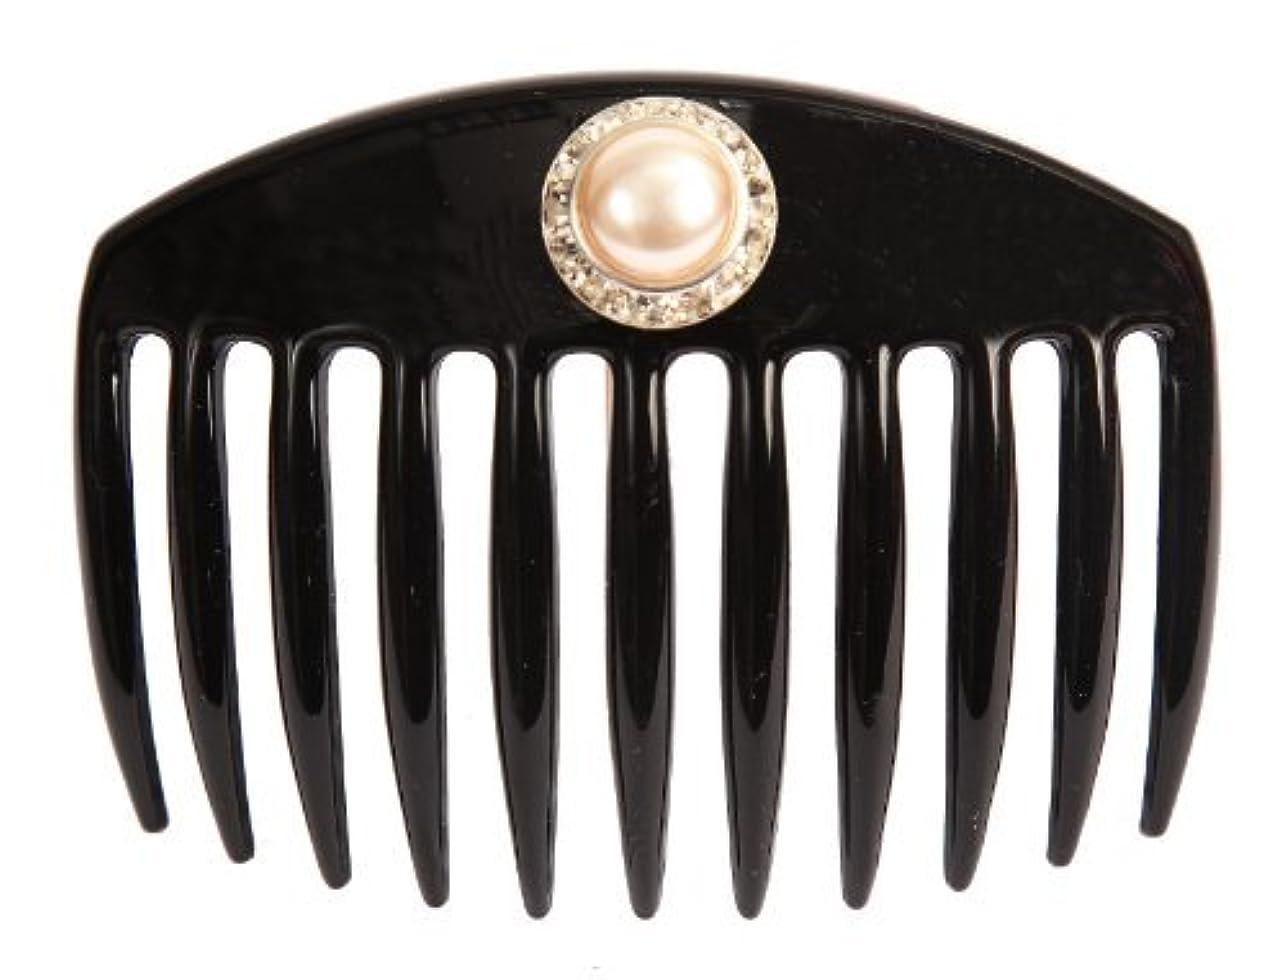 頭痛憎しみホラーCaravan Hand Decorated French Comb with Large Pearl and Swarovski Stones In Silver Setting, Black.65 Ounce [並行輸入品]